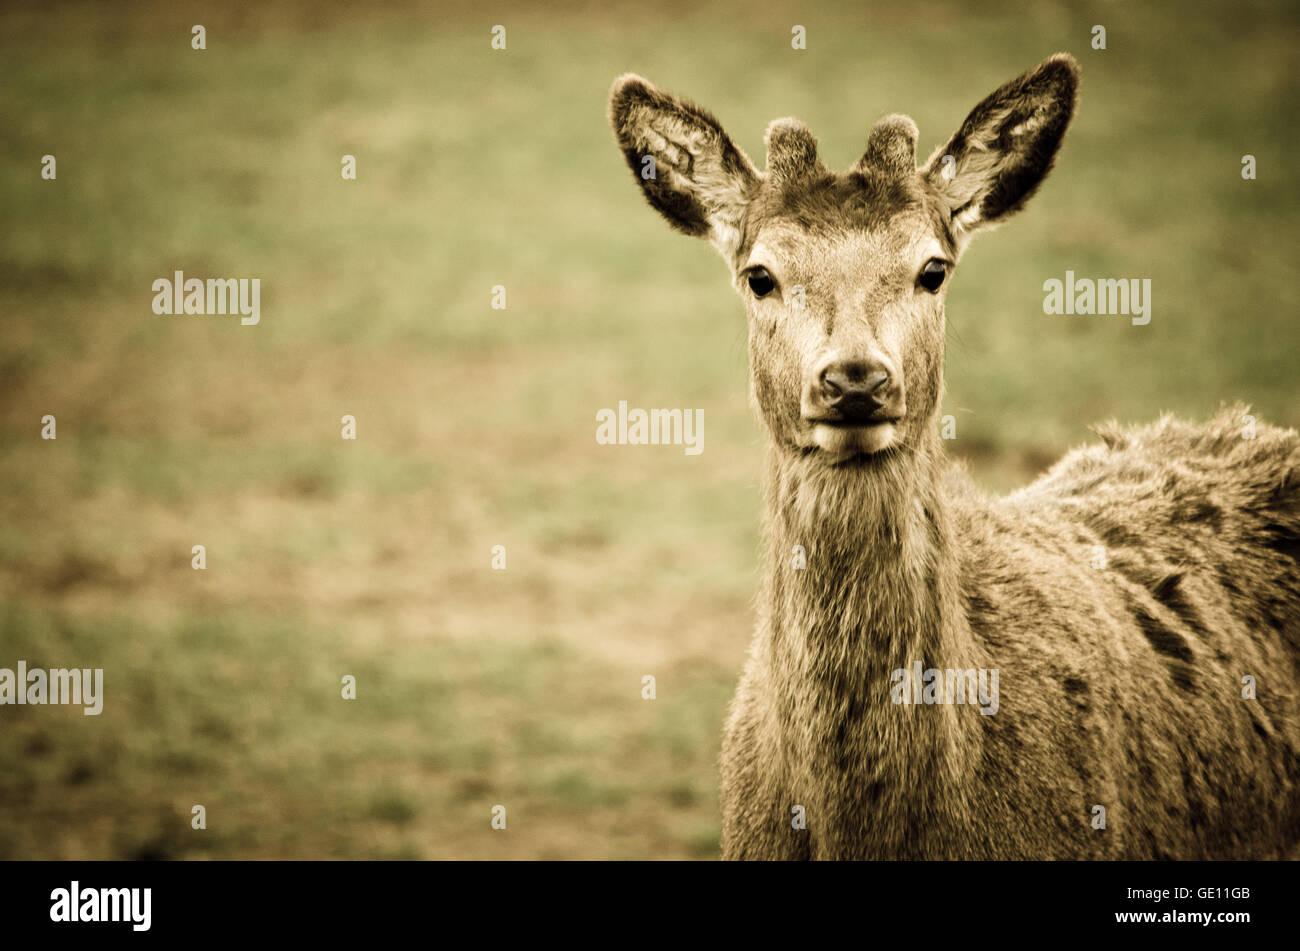 Red Deer Portrait - Stock Image